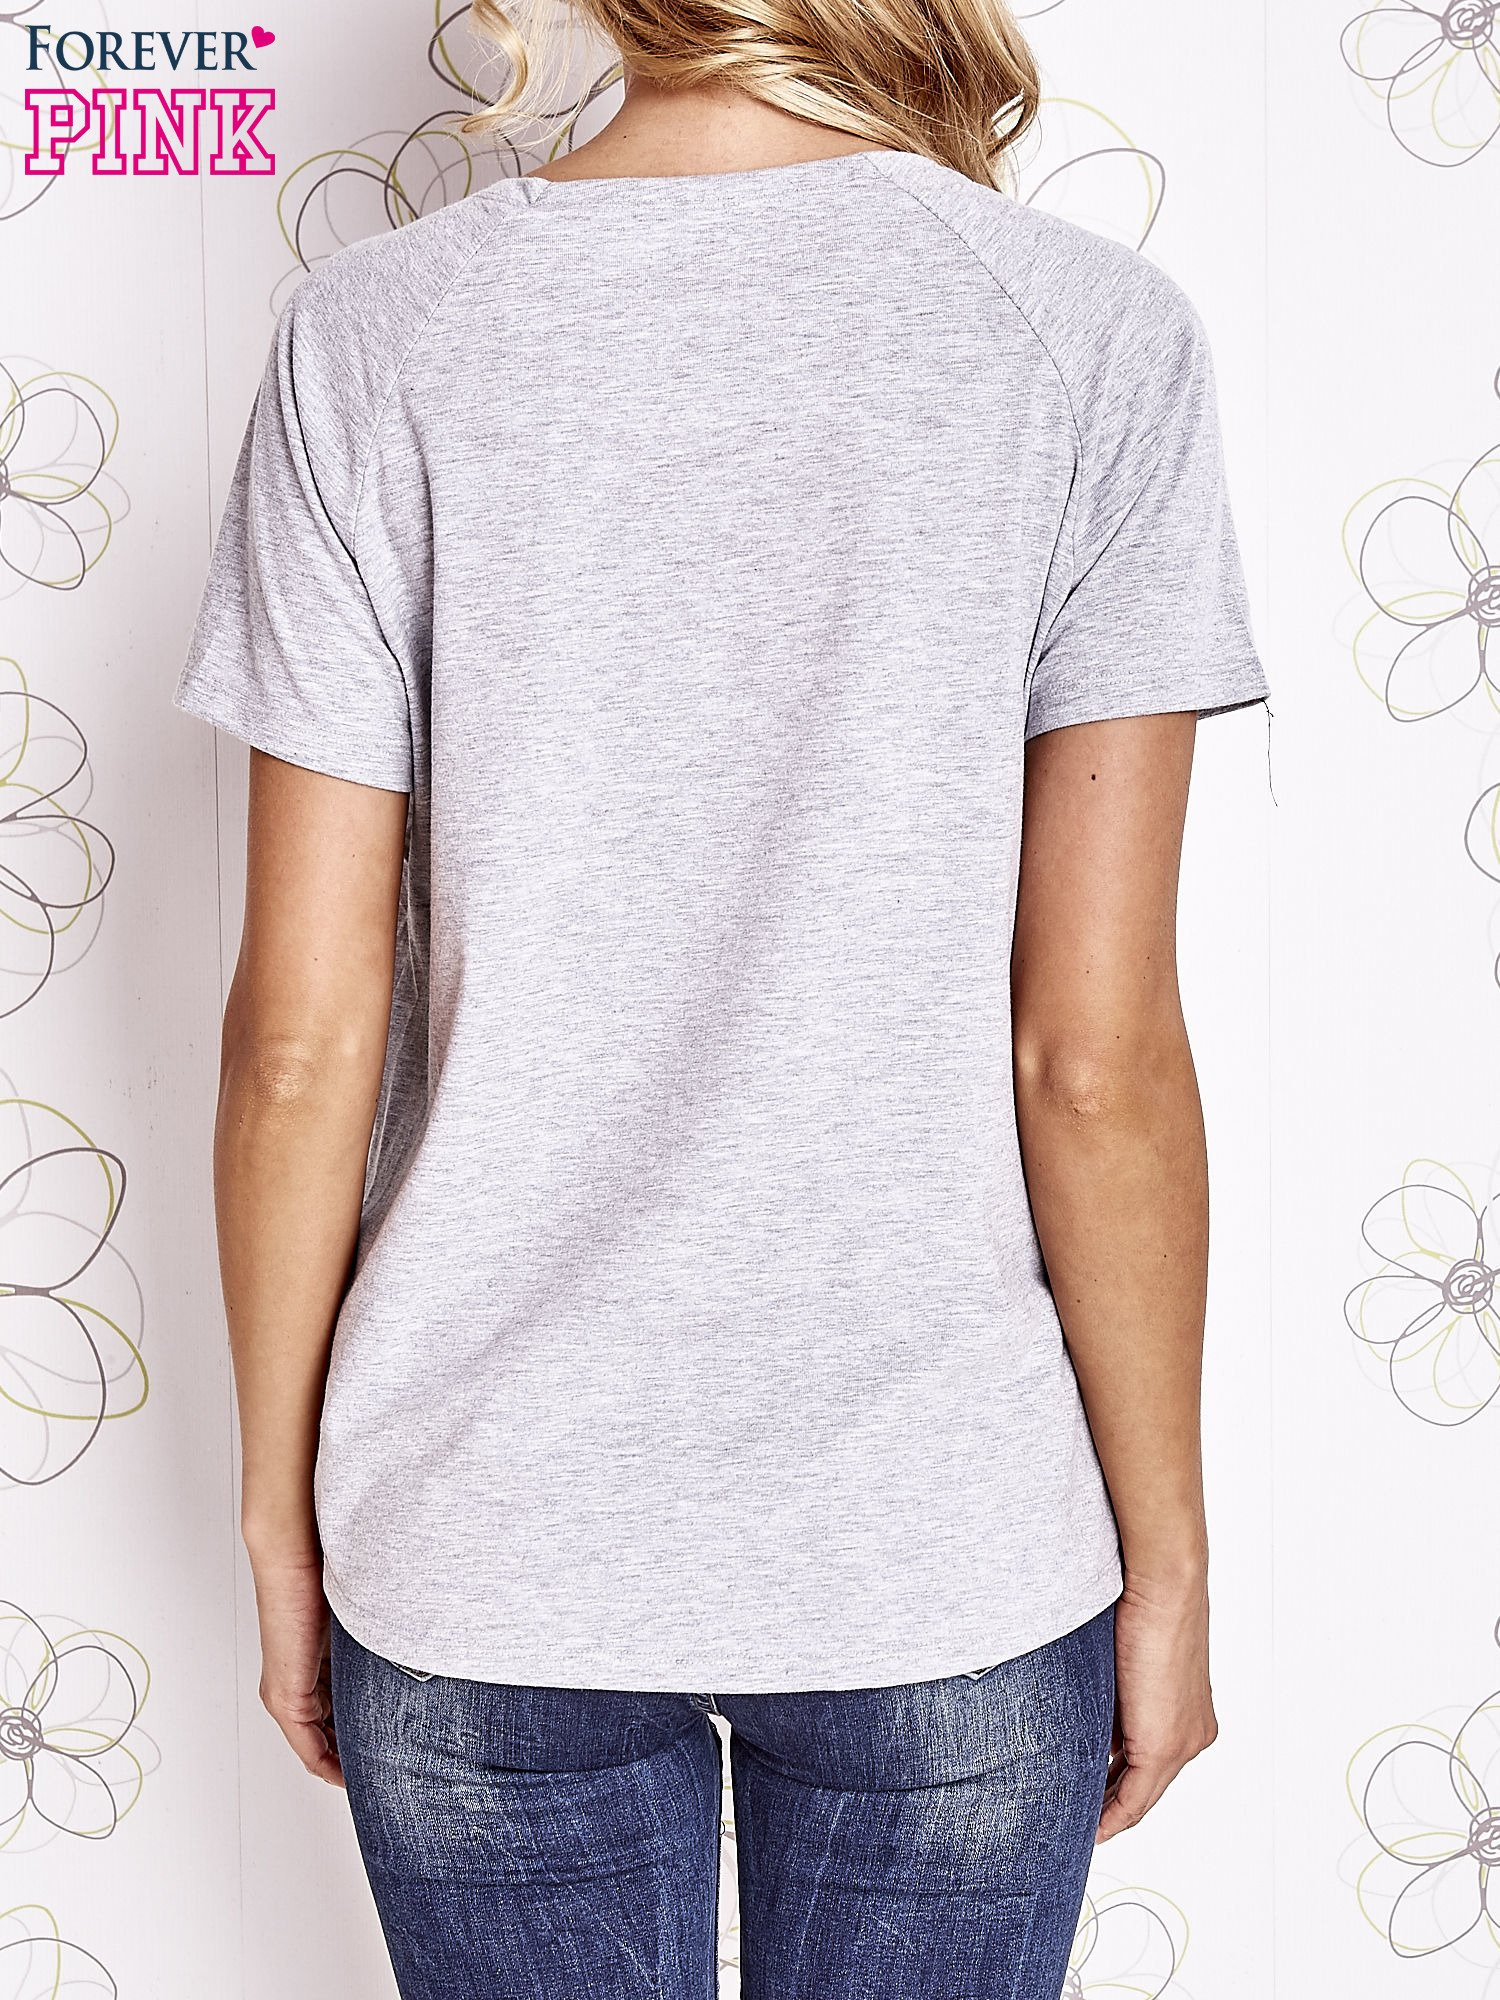 Szary t-shirt z aplikacją owadów                                   zdj.                                  4